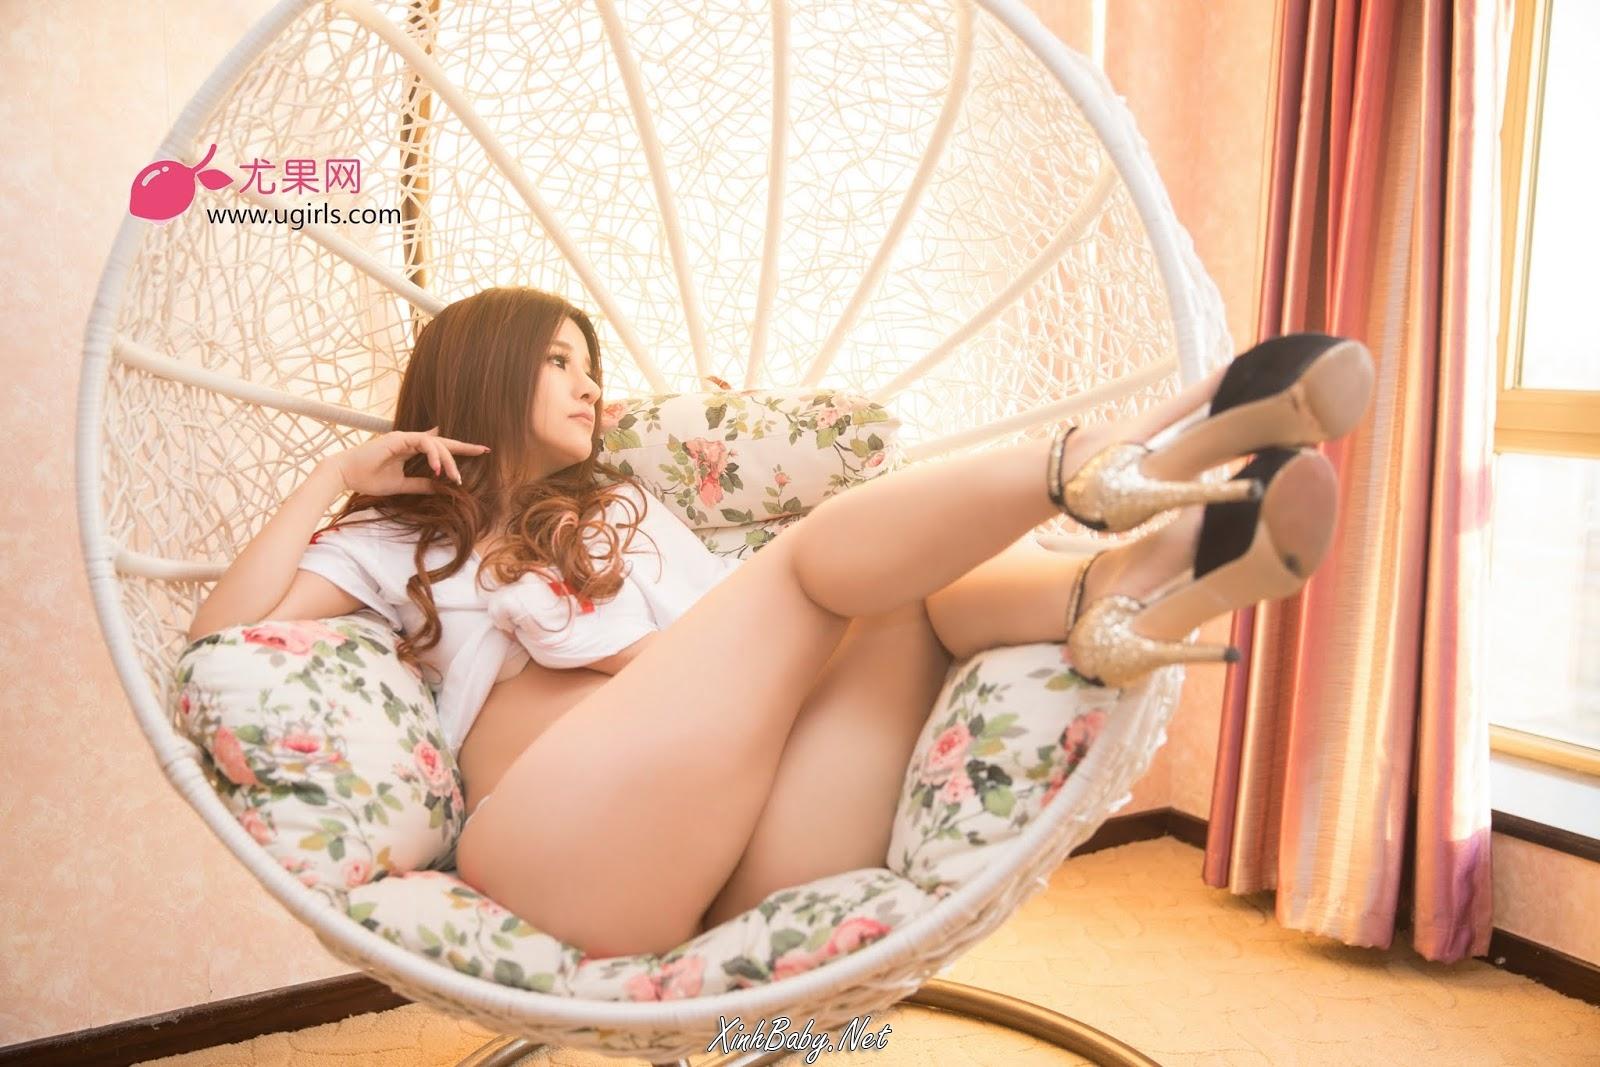 Gái xinh Trung quốc, gai xinh trung quoc, ugirls, Chun Xiao Xi, Xinh baby, gai xinh